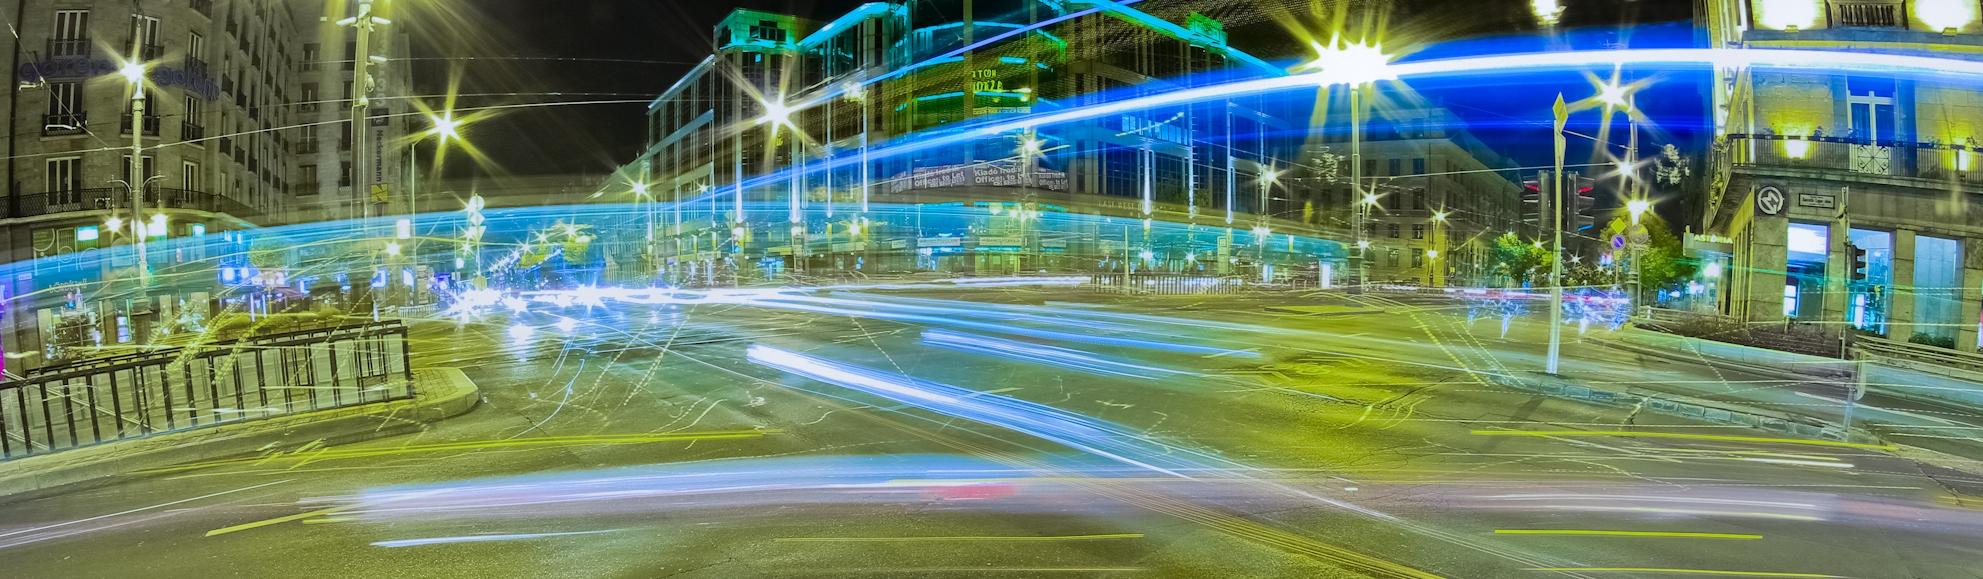 Közlekedésbiztonság nagy forgalmú helyeken